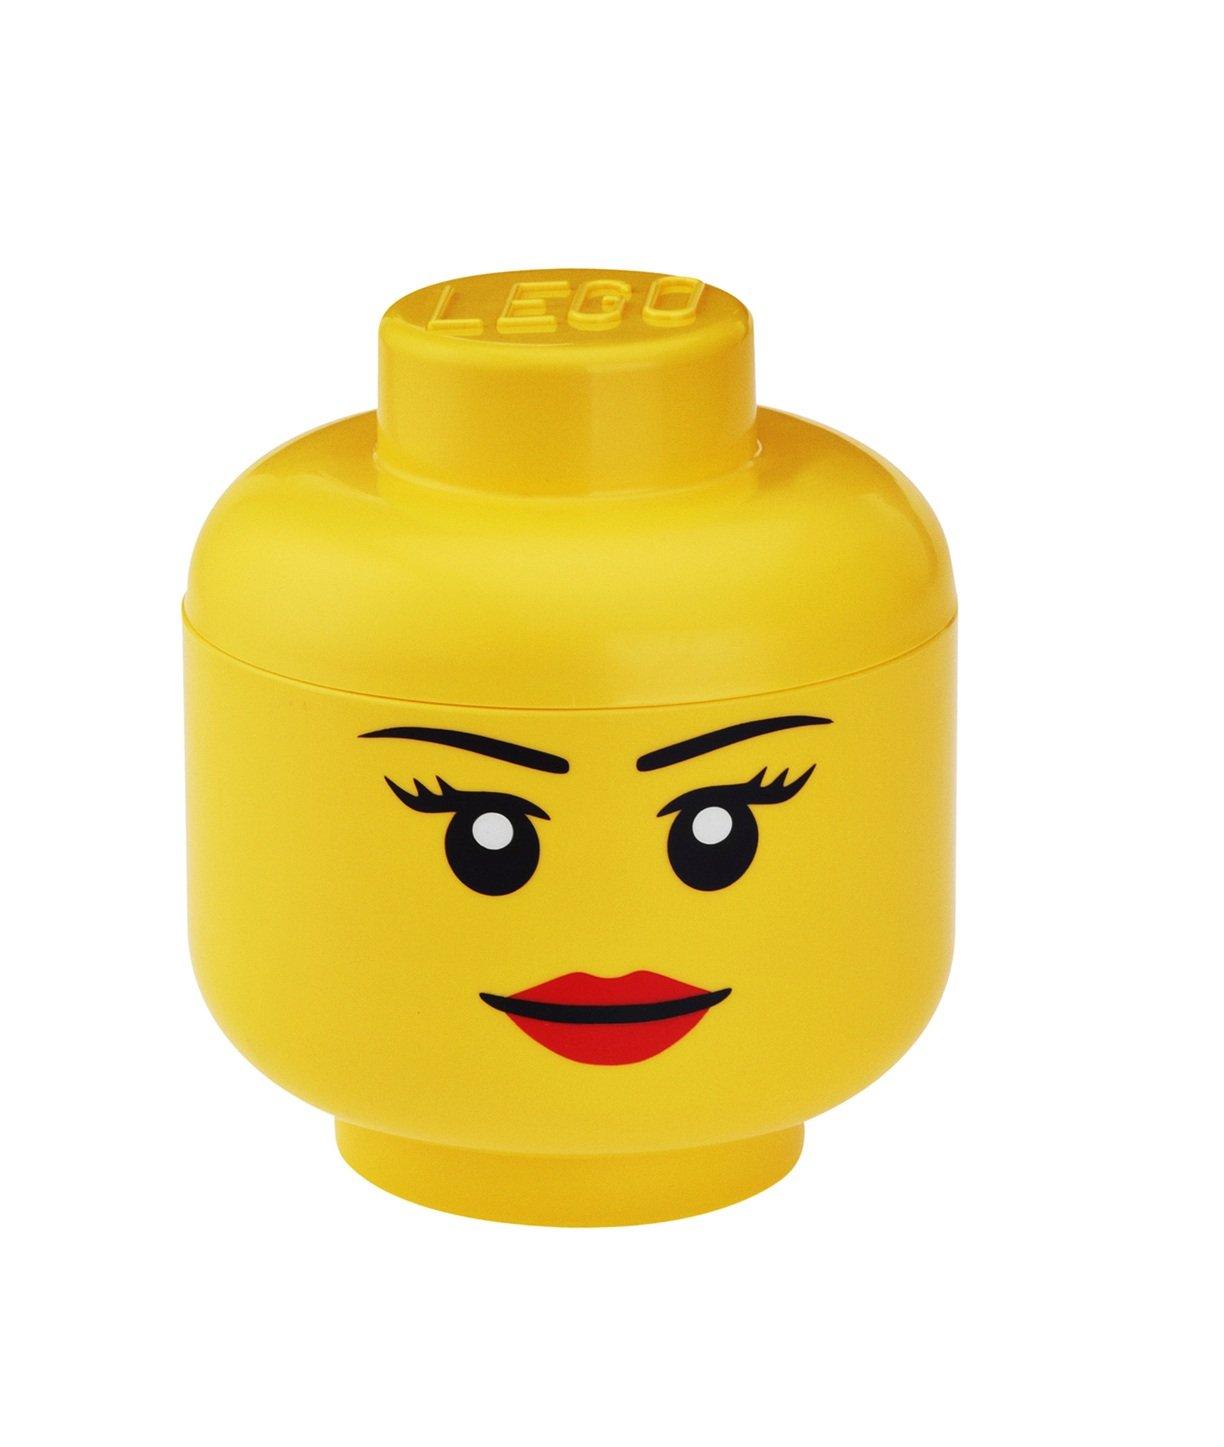 LEGO Lizenzkollektion 4031 - Aufbewahrungskopf, S, klein, Junge LEGO® Lizenzkollektion 40311732_giallo Sonstiges Spielzeug